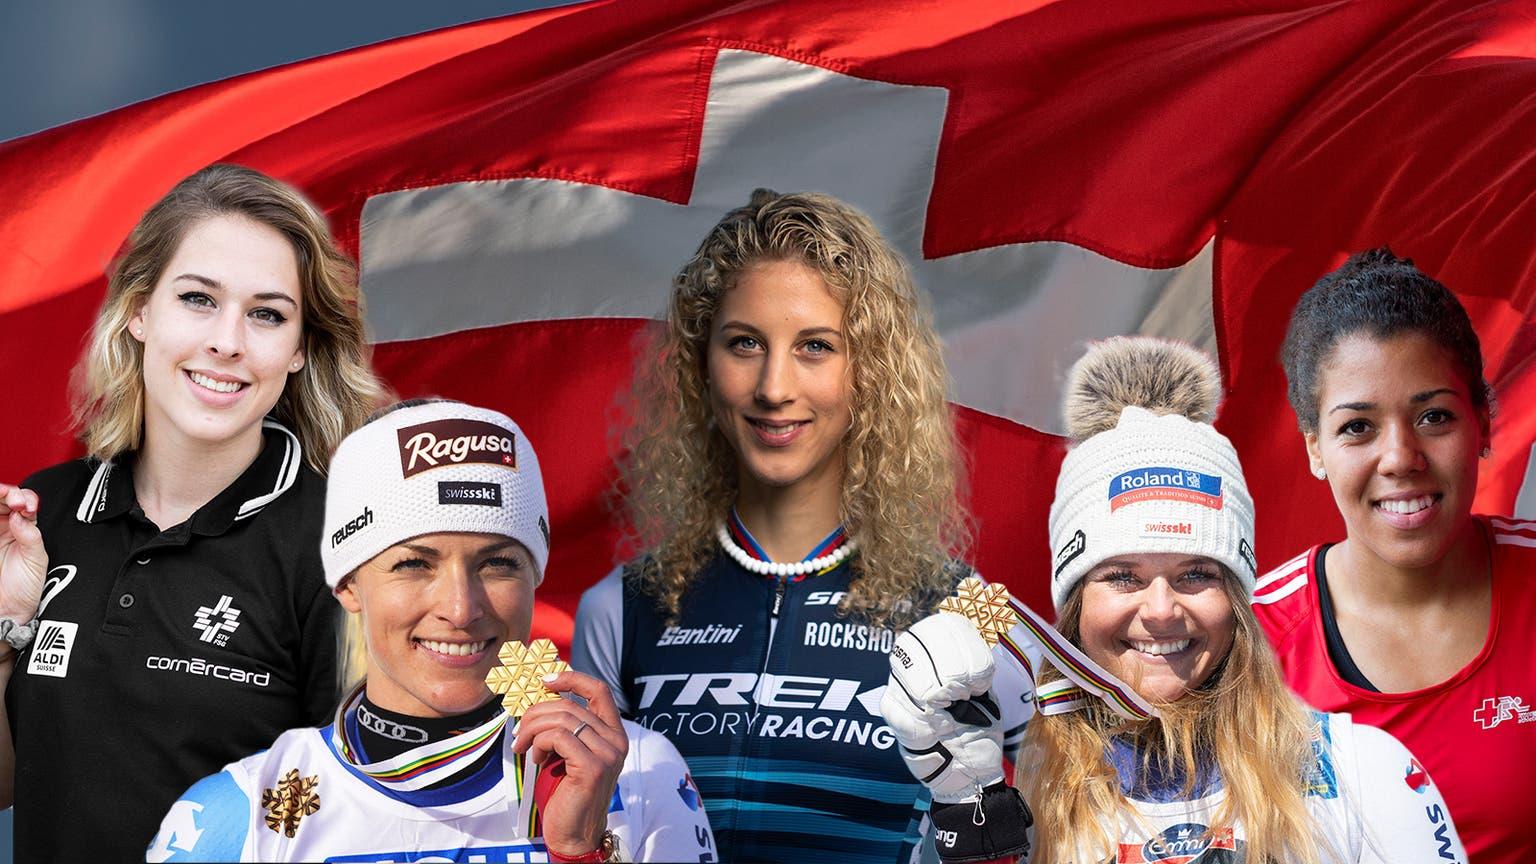 Die Schweizer Sportlerinnen sind im Medaillenrausch